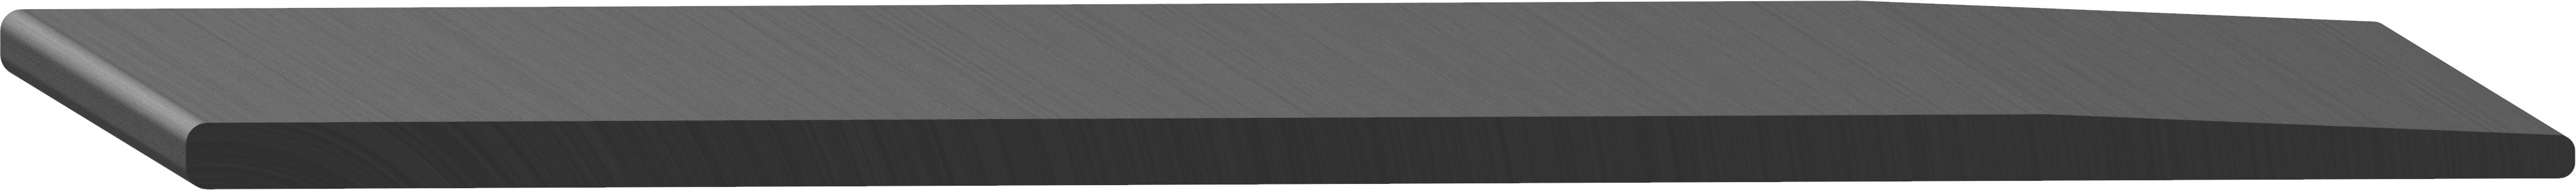 Uni-Grip part: TH-546